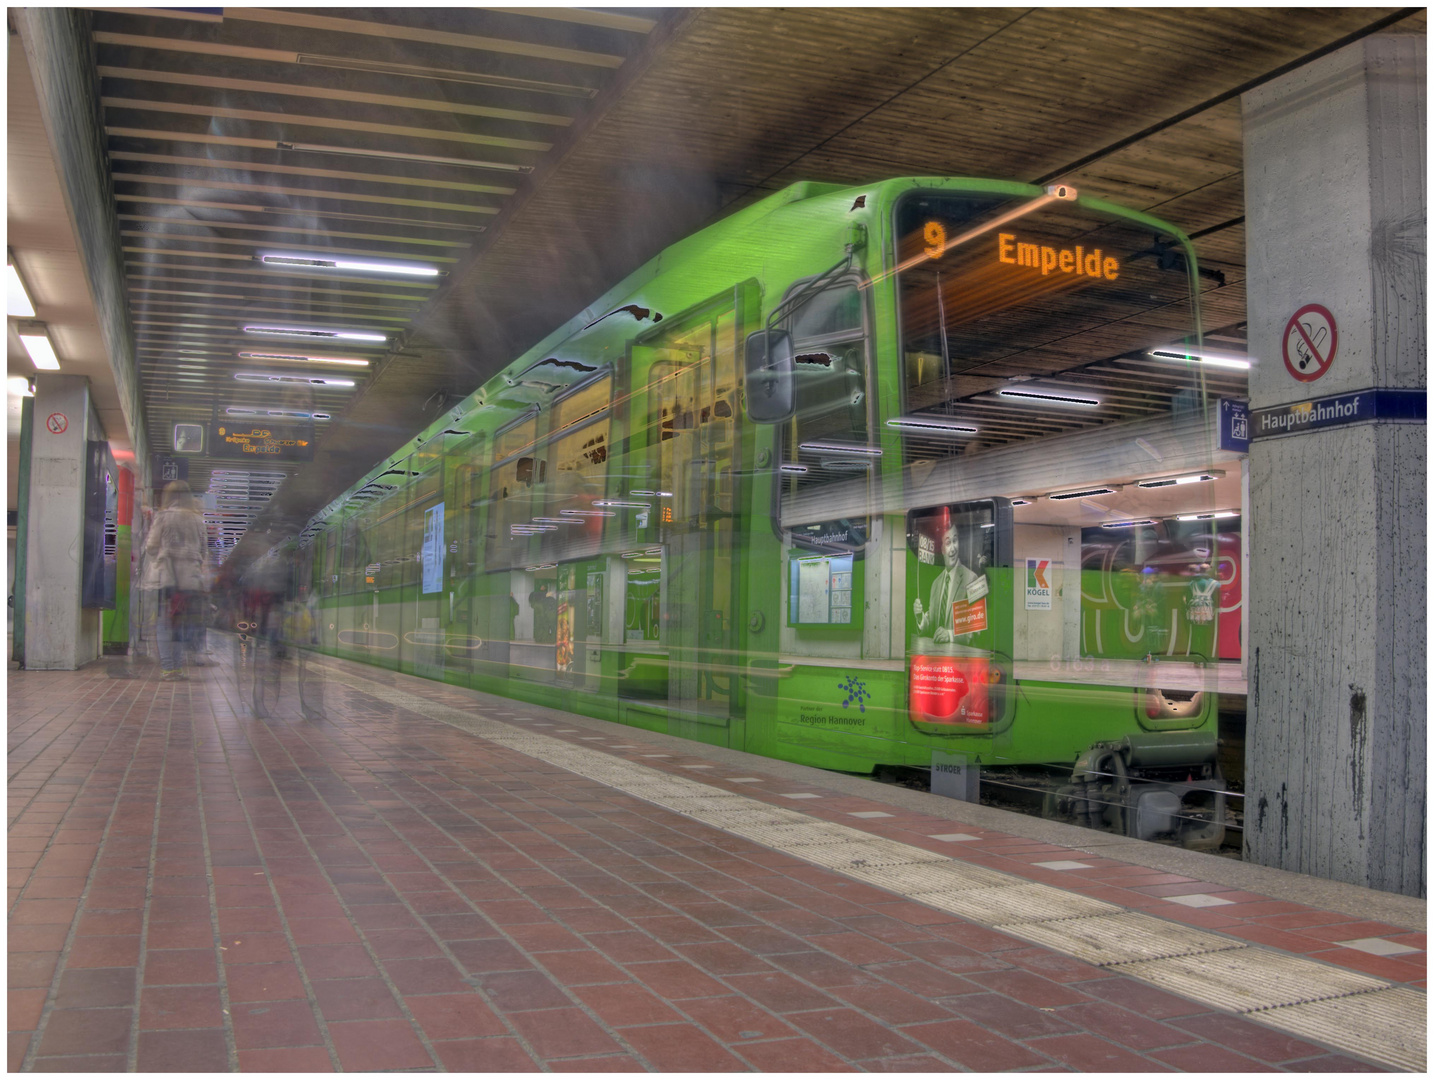 Hannover - Empelde